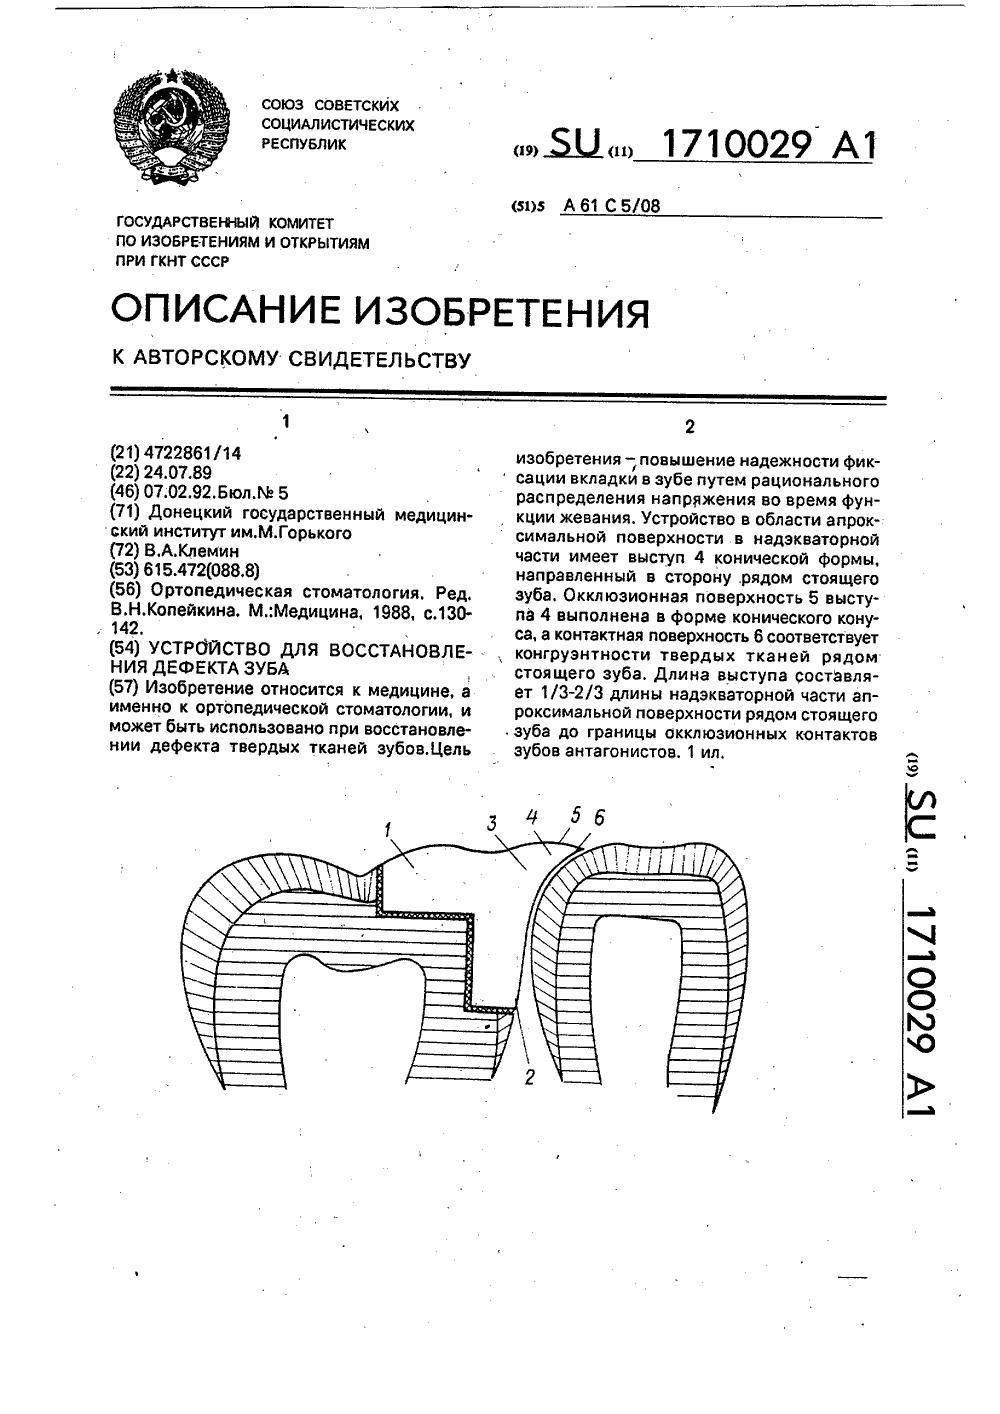 Индукция Корня Зуба